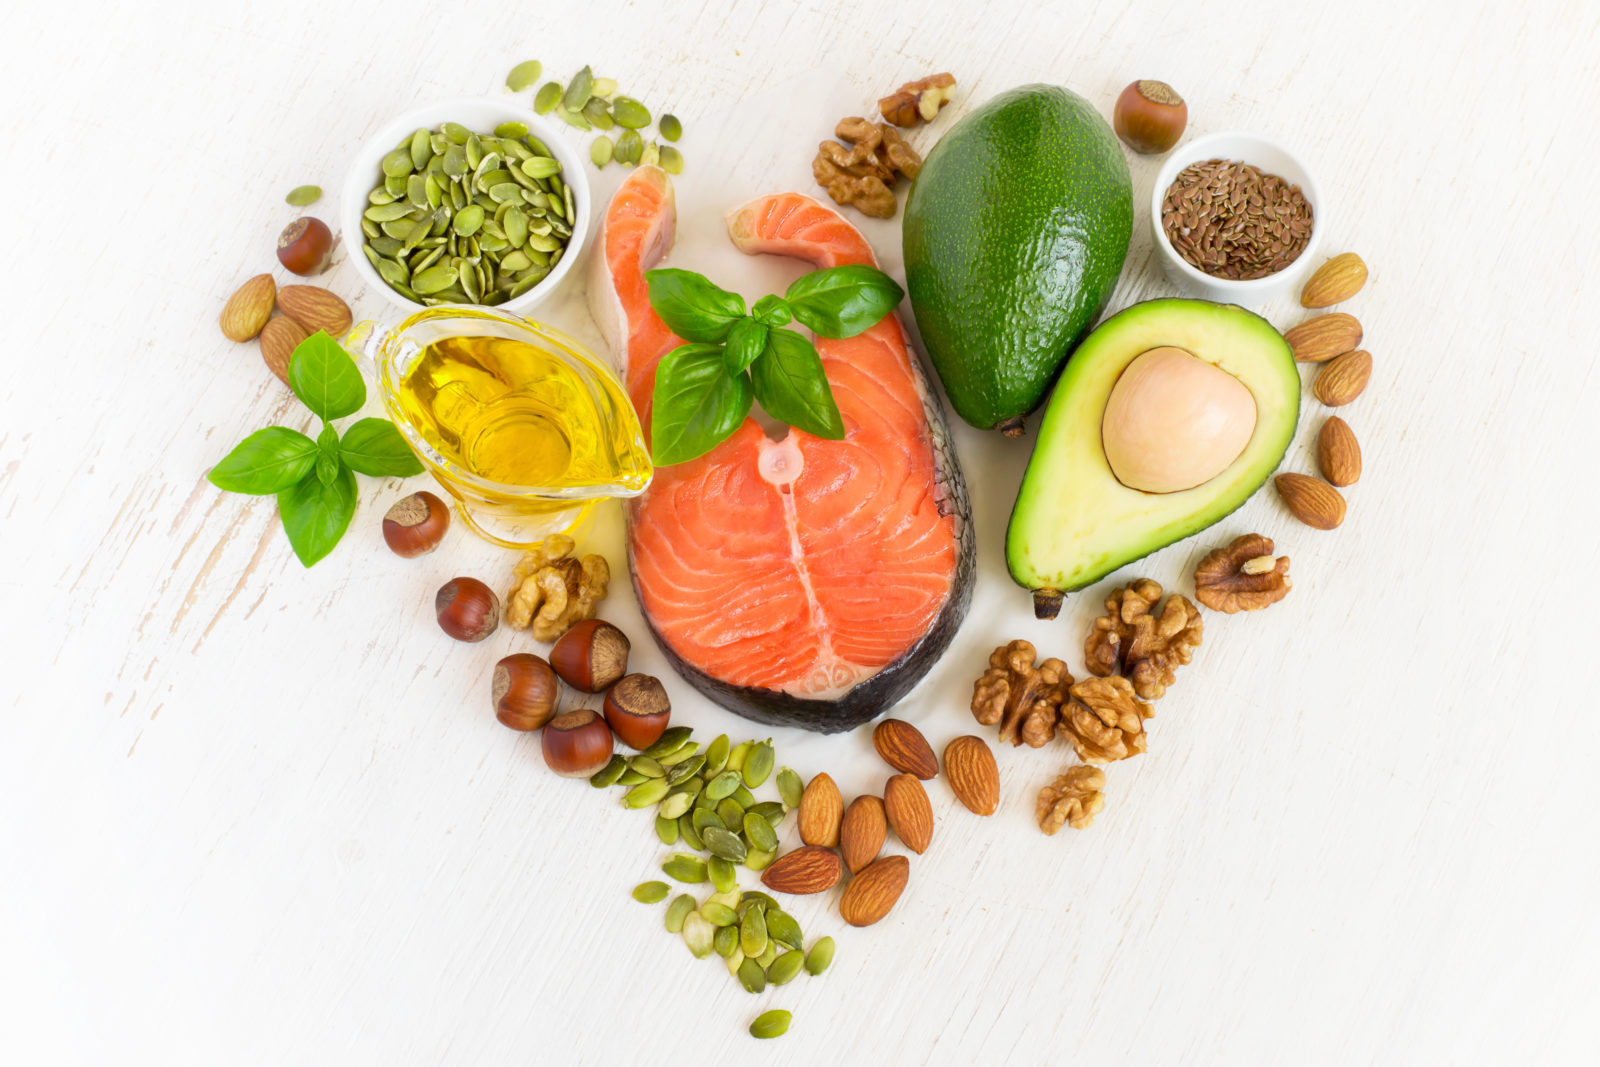 Le bon cholestérol, favorisé par certains aliments